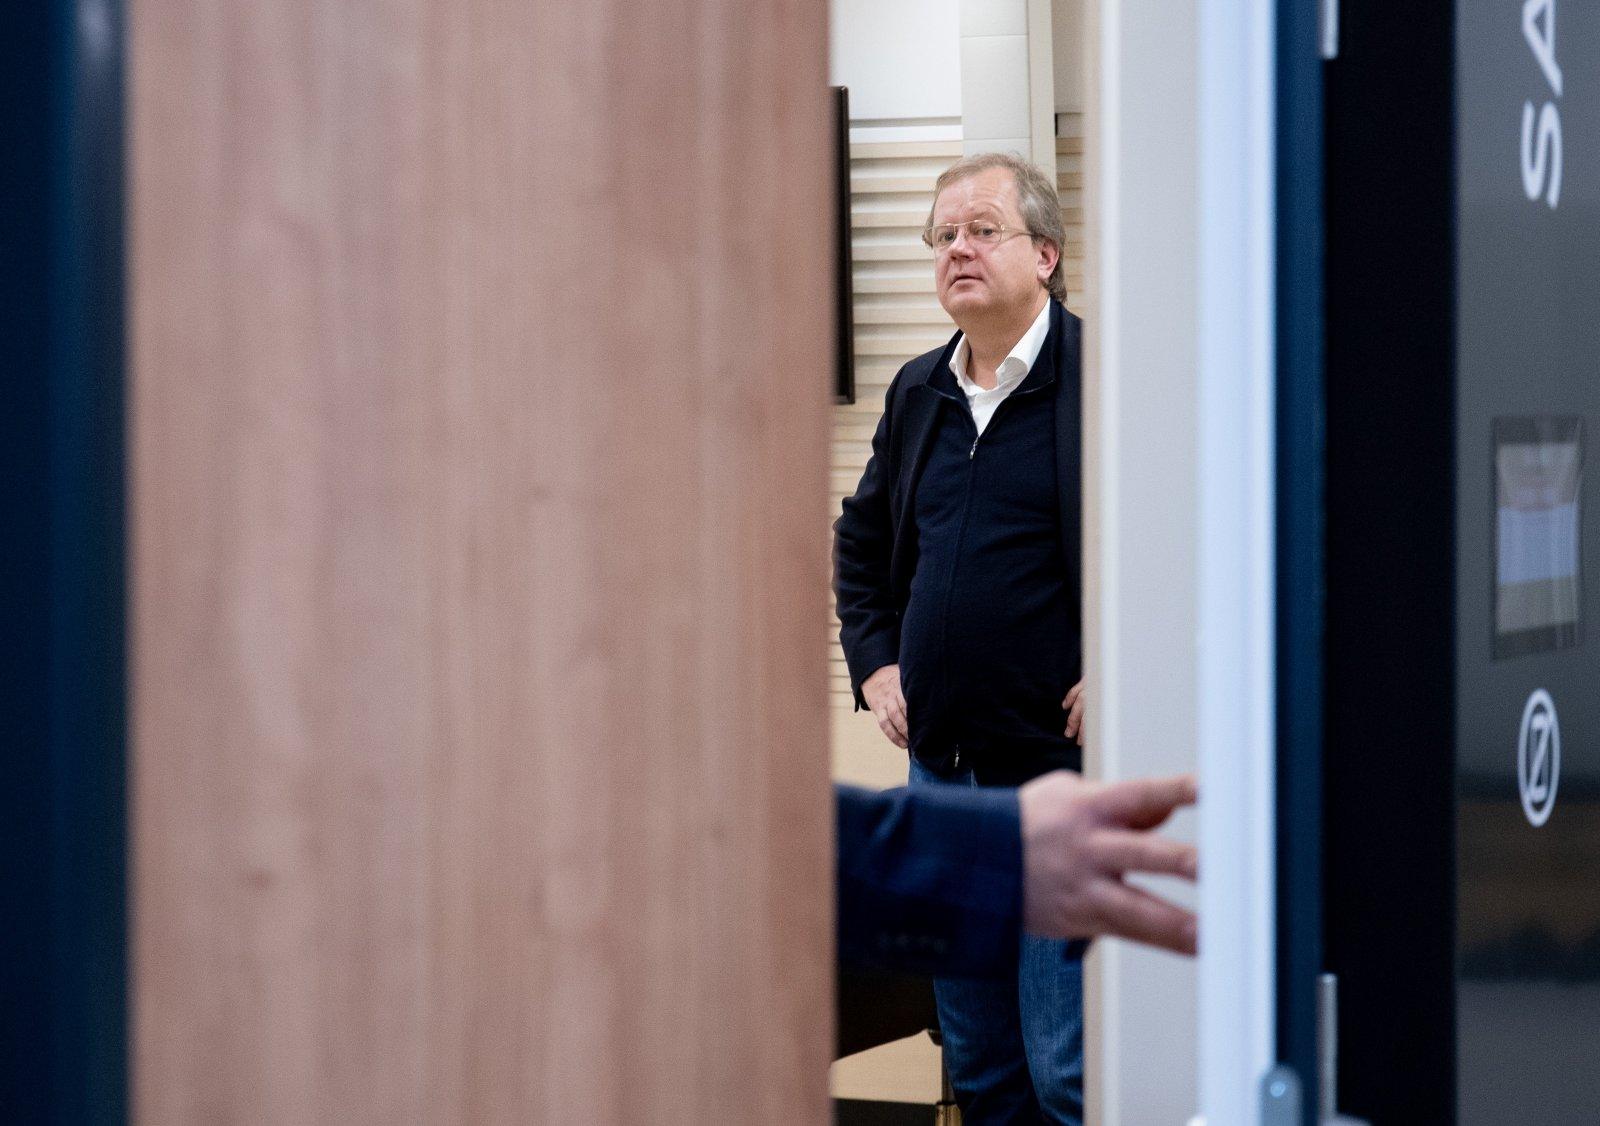 Oliver Kruudale šokivangistust nõudev prokurör kirjeldas, kuidas endine piimatööstur Terest isiklikuks tarbeks raha välja skeemitas